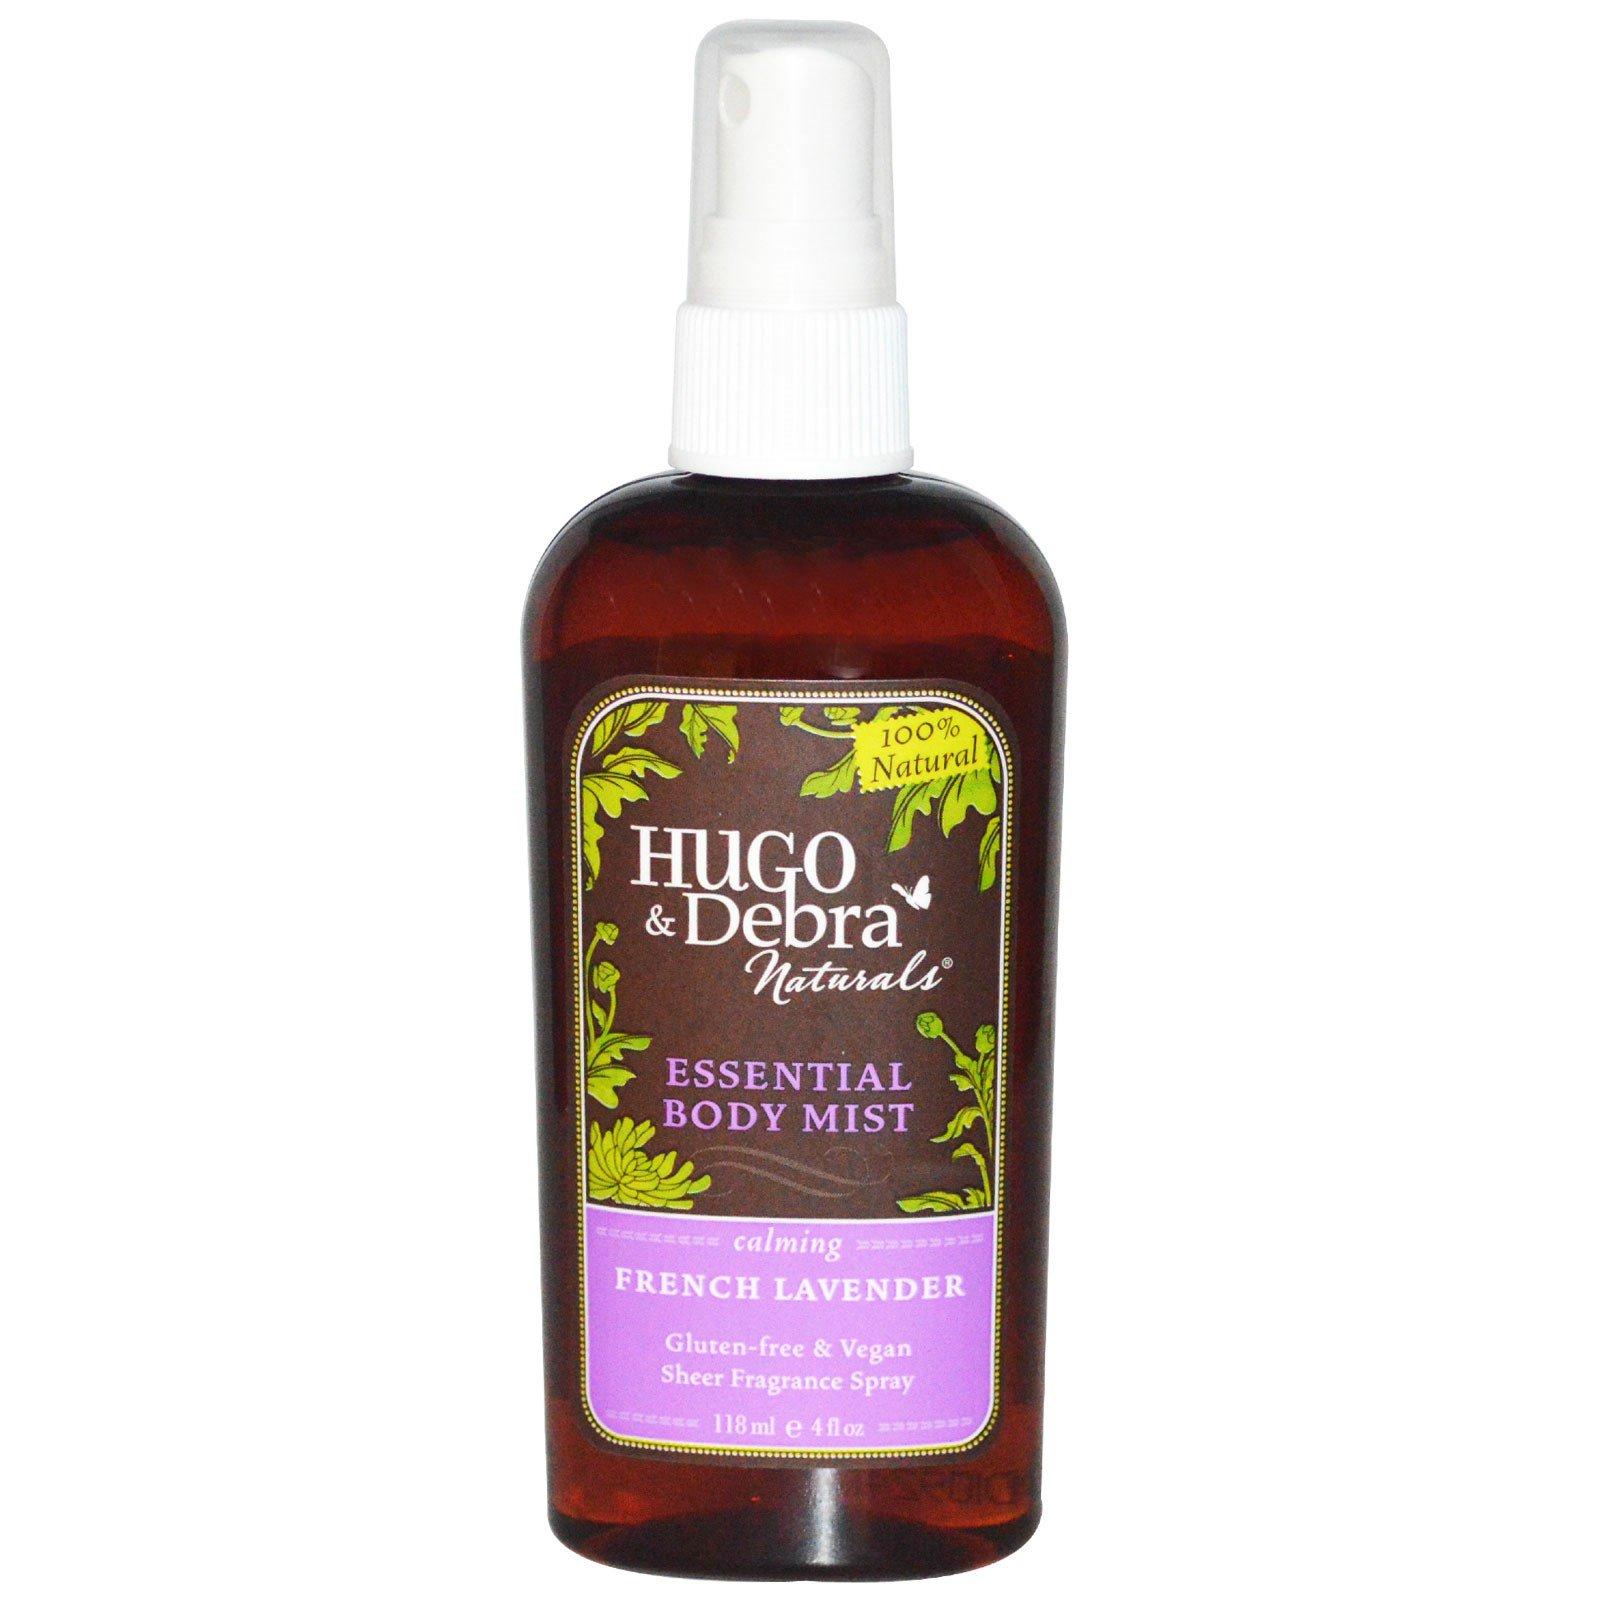 Hugo Naturals, Эфирный спрей для тела, французская лаванда, 4 жидких унции (118 мл)